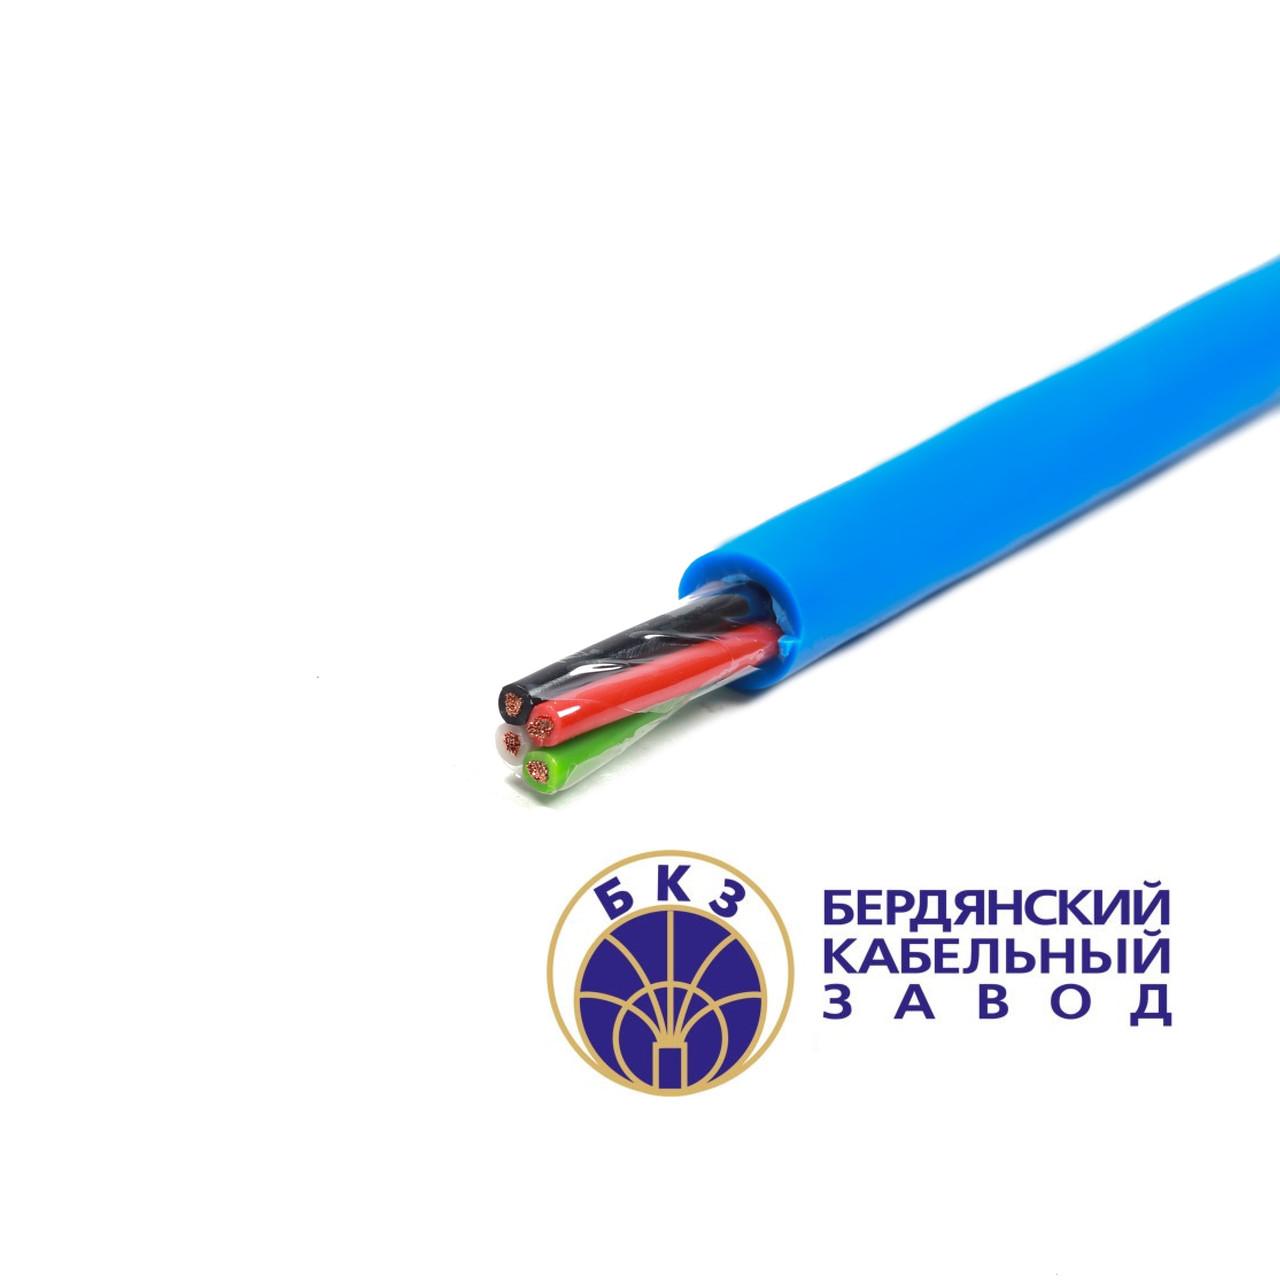 Кабель медный гибкий силовой КГНВ 3х95+1х50 0,66кВ маслостойкий бензостойкий морозостойкий провод ПВС | КГ